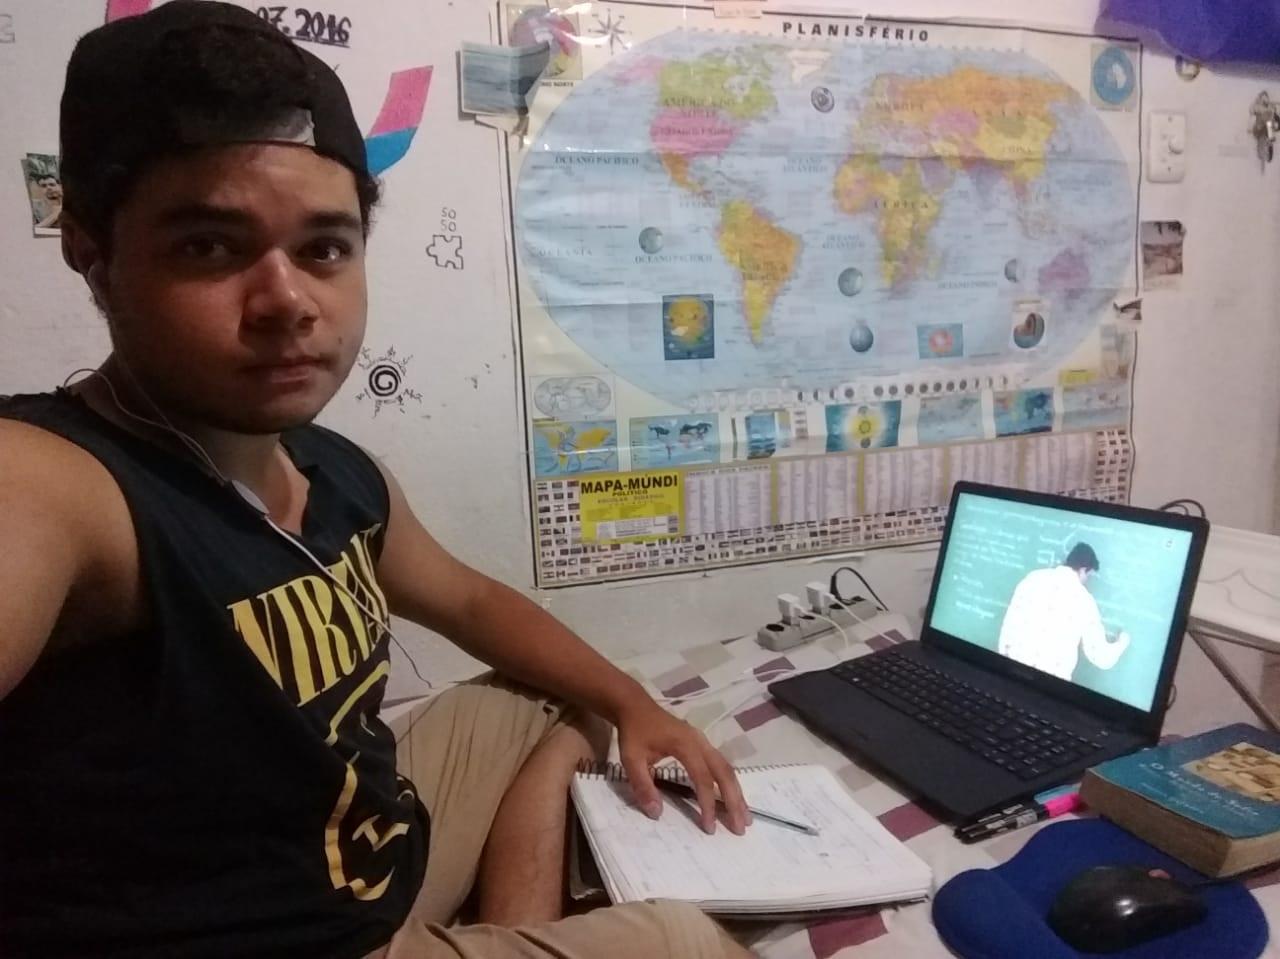 Matheus da Silva Gomes vai cursar o bacharelado em ciência e tecnologia no período noturno. Foto Arquivo Pessoal